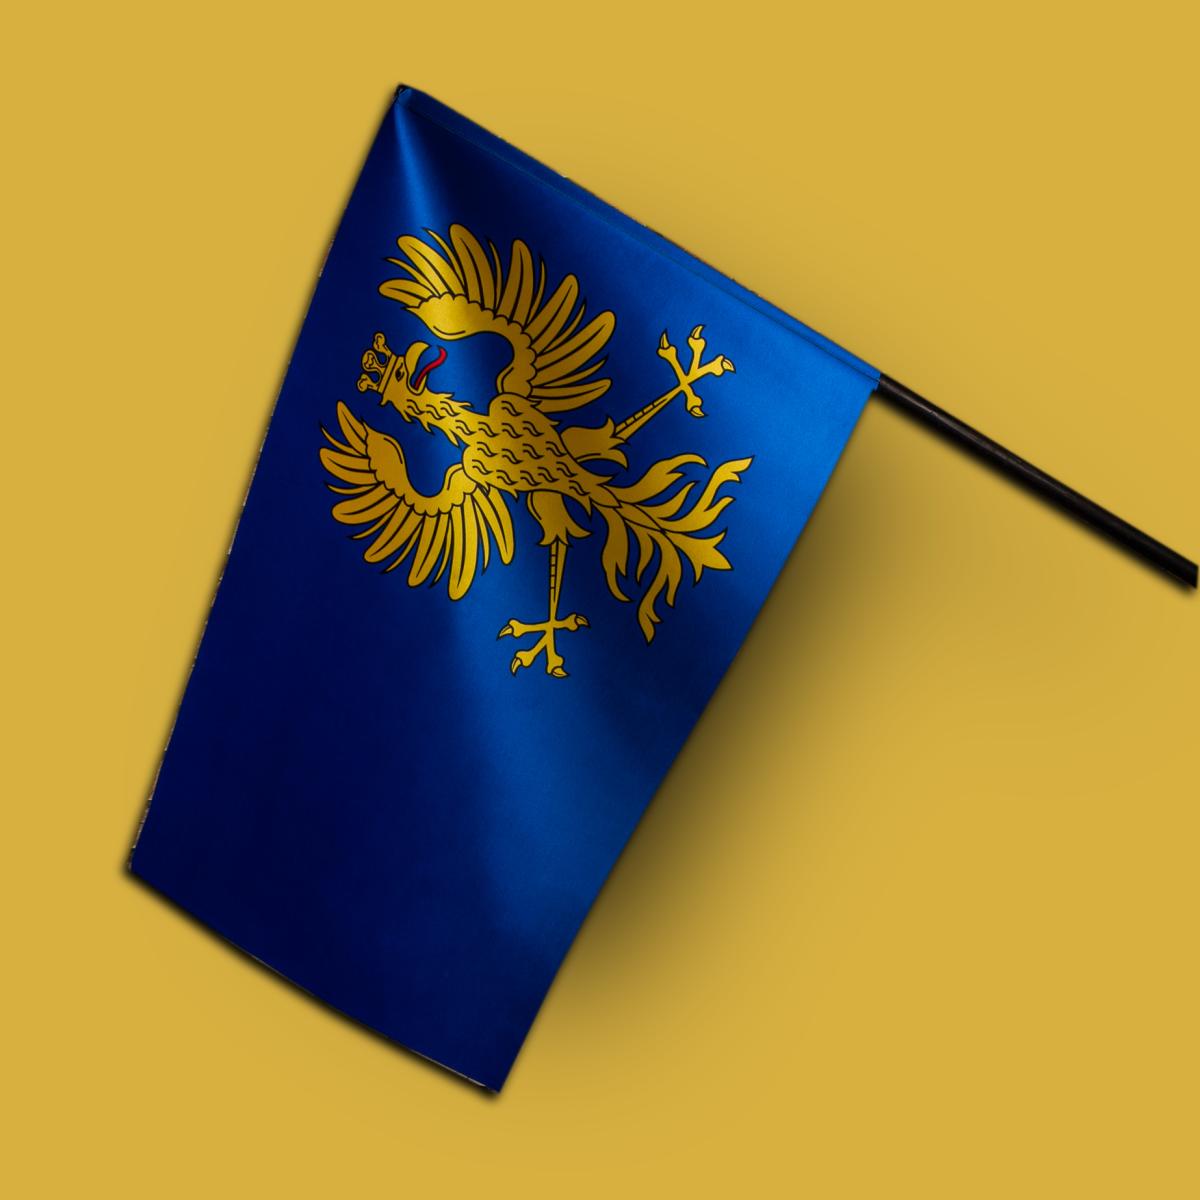 (Polski) Flaga Księstwa Cieszyńskiego satynowa prestige